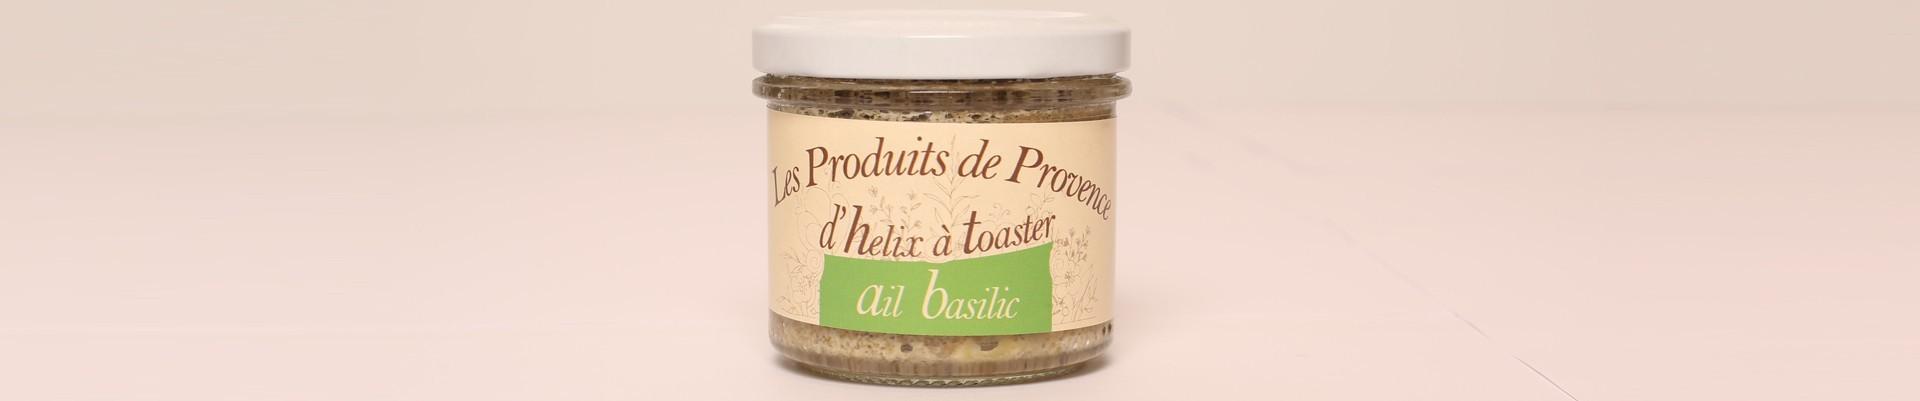 Escargots à Toaster - Les produits de Provence - Escargots, Truffes, Miel - Enclave des Papes